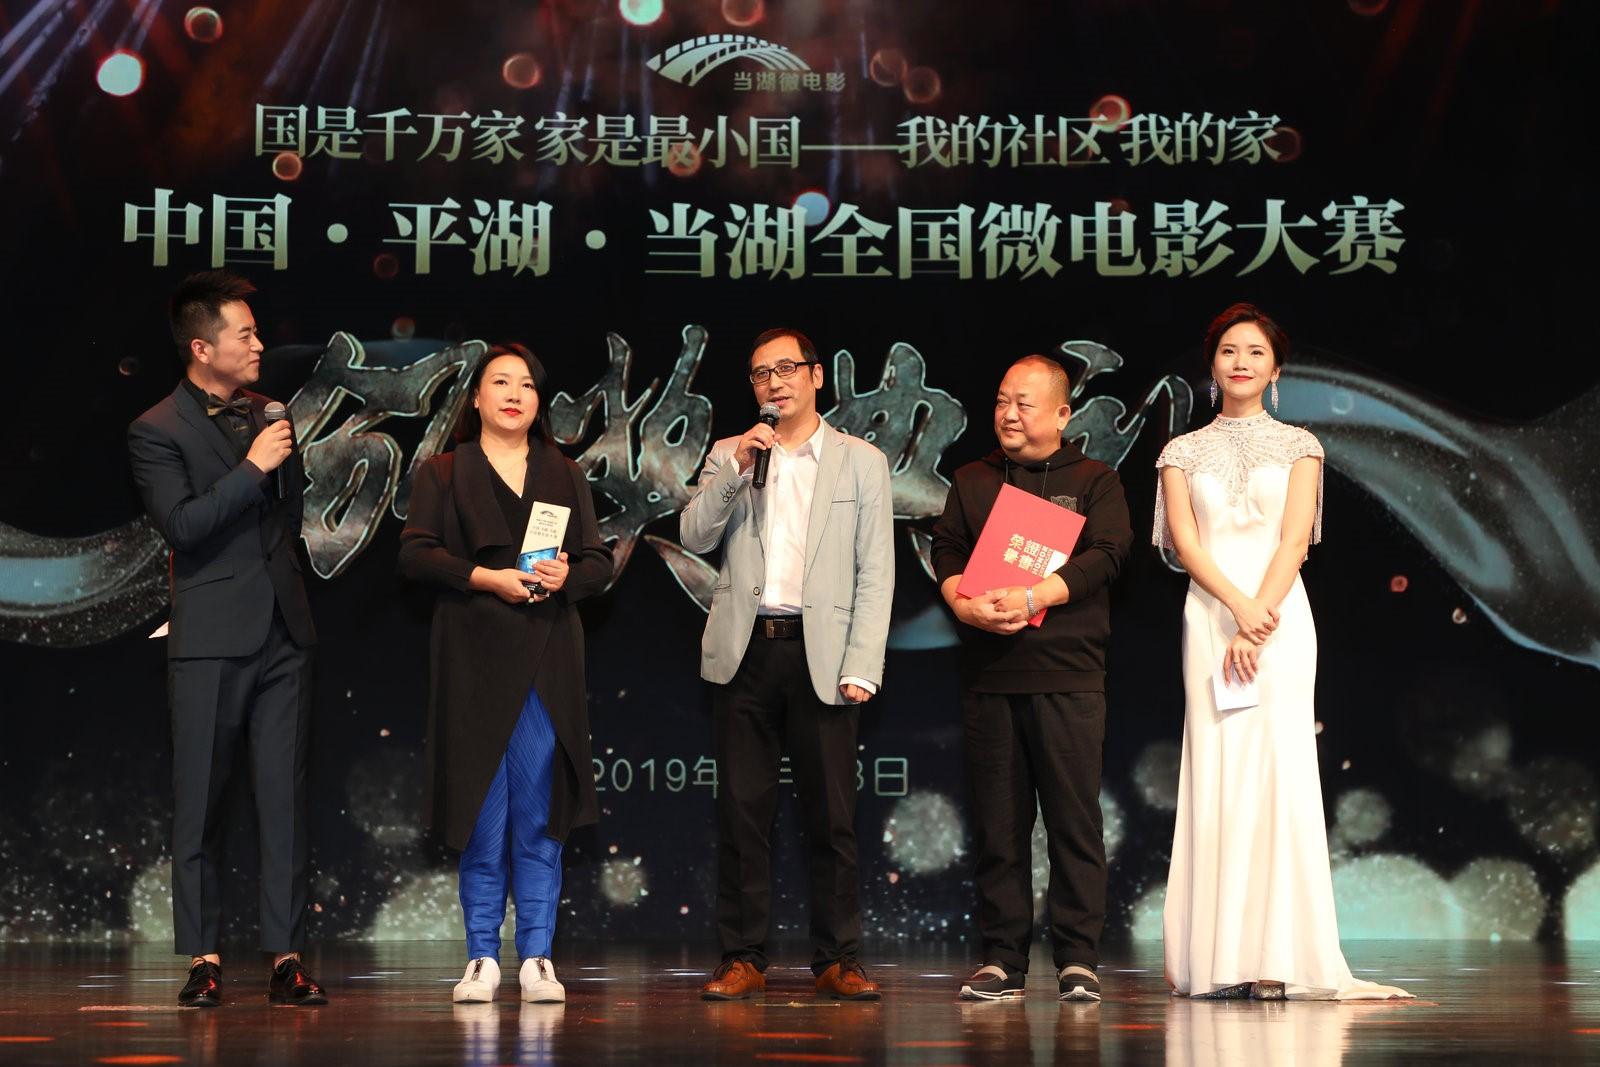 中国·平湖·当湖全国微电影大赛颁奖典礼1.jpg